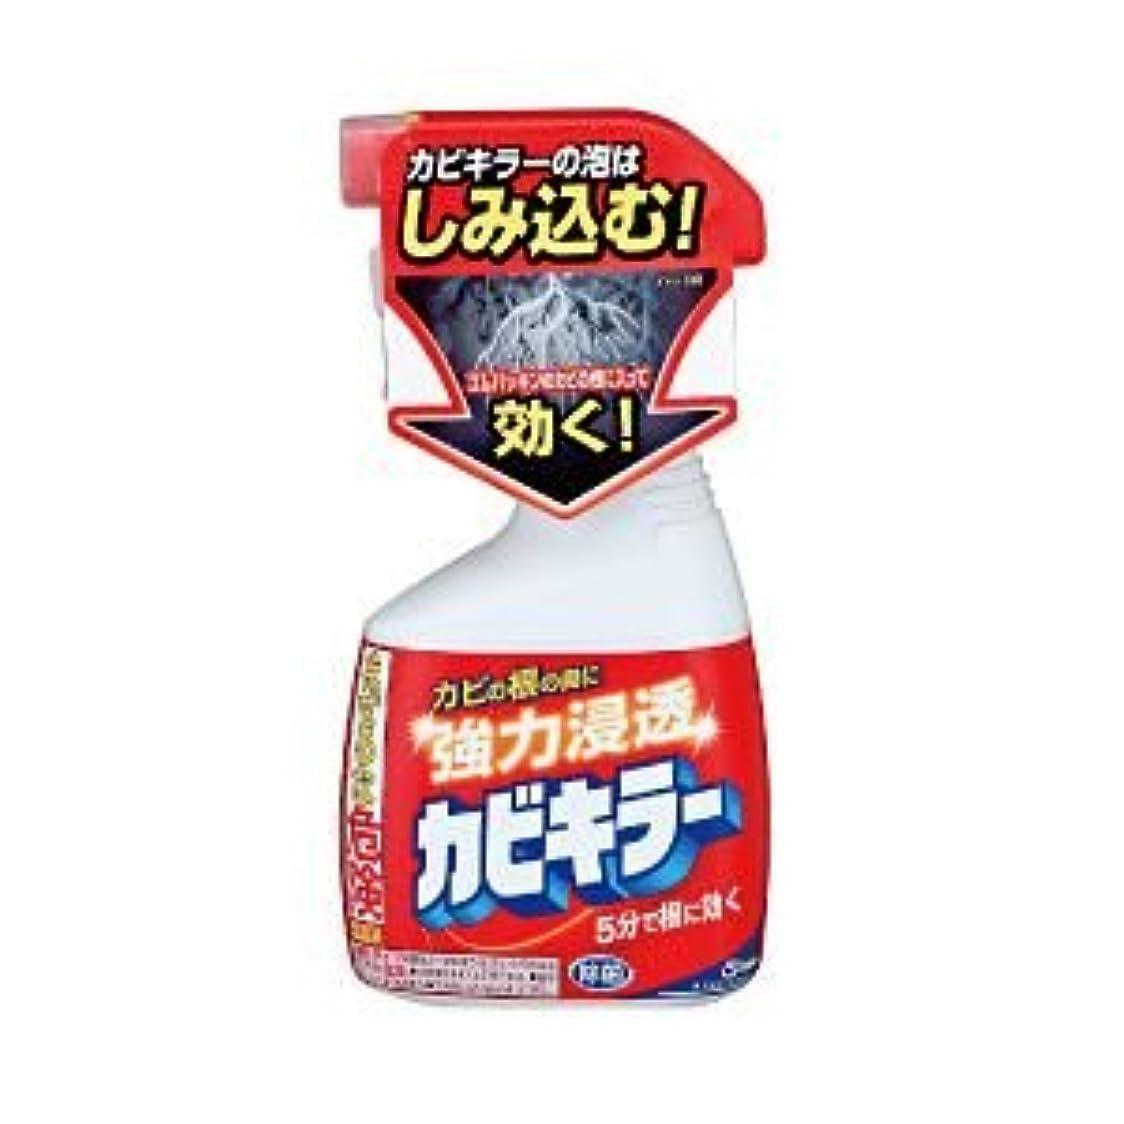 マガジンアラビア語ケイ素(業務用セット) ジョンソン カビキラー 本体 【×10セット】